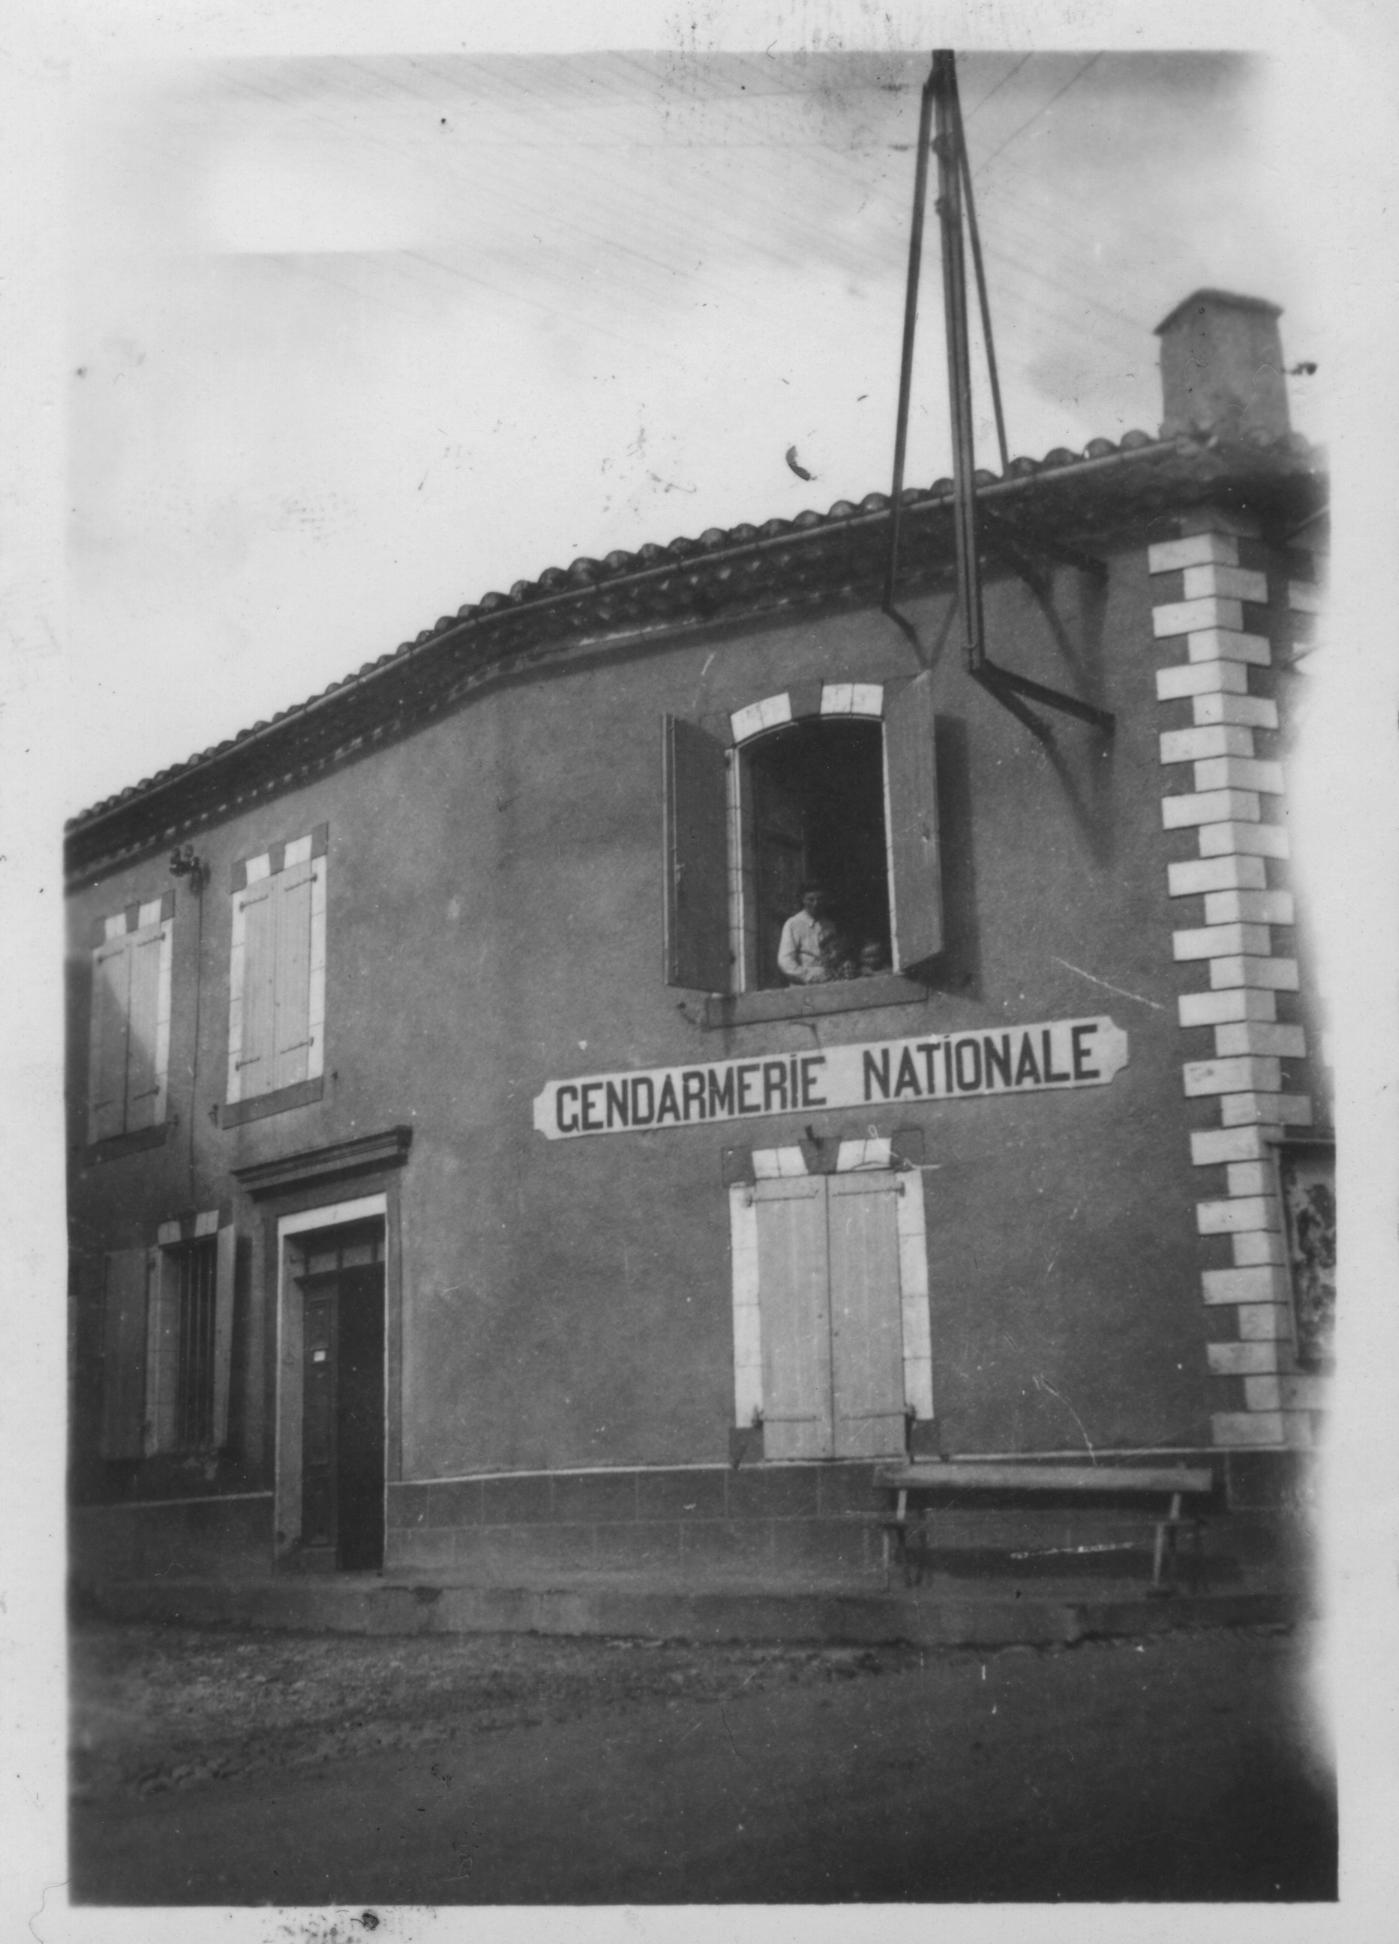 Août 1943 - La gendarmerie de Lalbenque, située à l'emplacement de l'actuelle Salle des fêtes